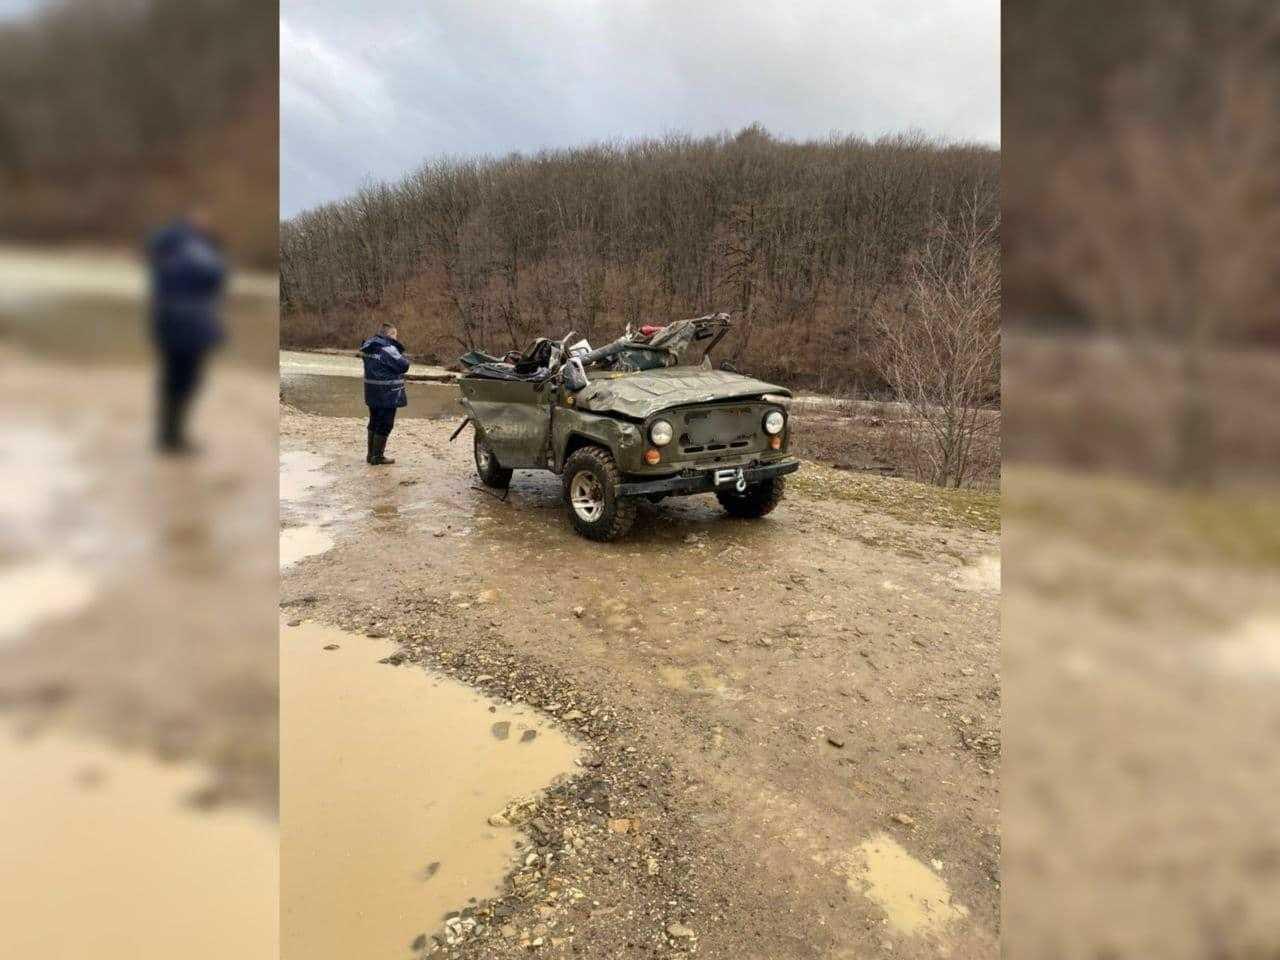 На Кубани произошла страшная трагедия: во время переправы через реку погибла семья из трёх человек